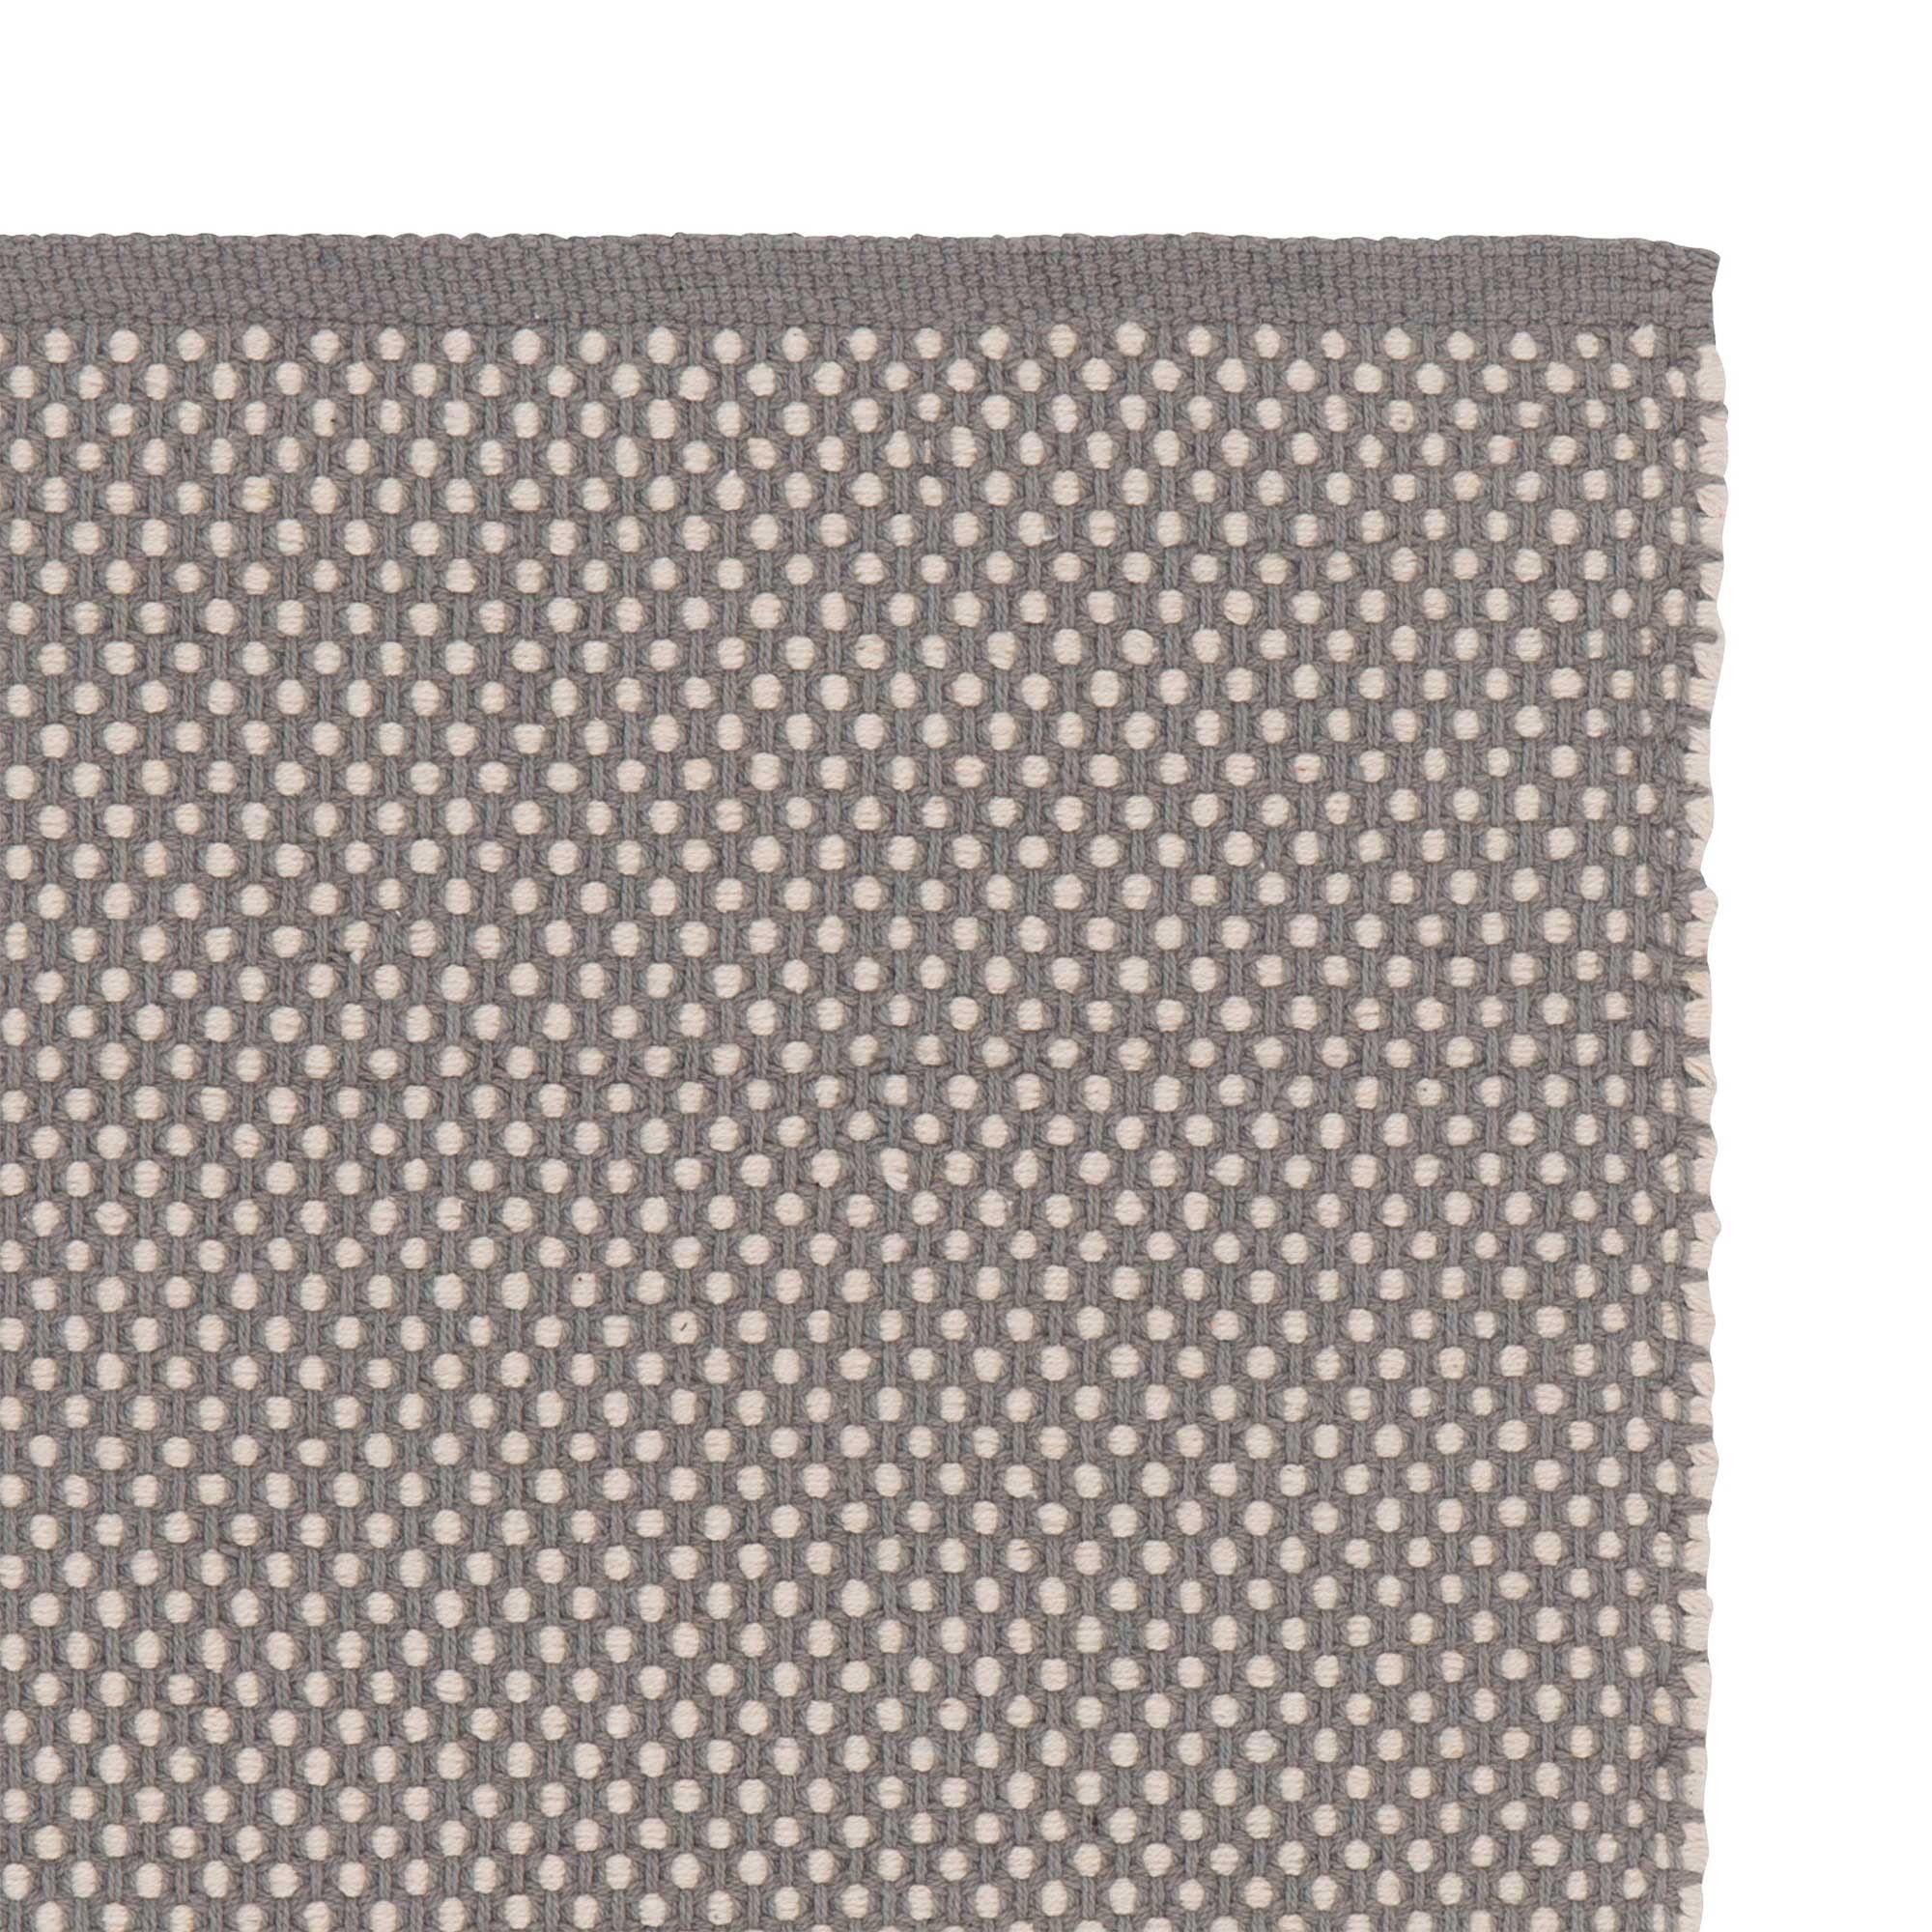 Teppich Ervadi Teppich Baumwollteppiche Teppichlaufer